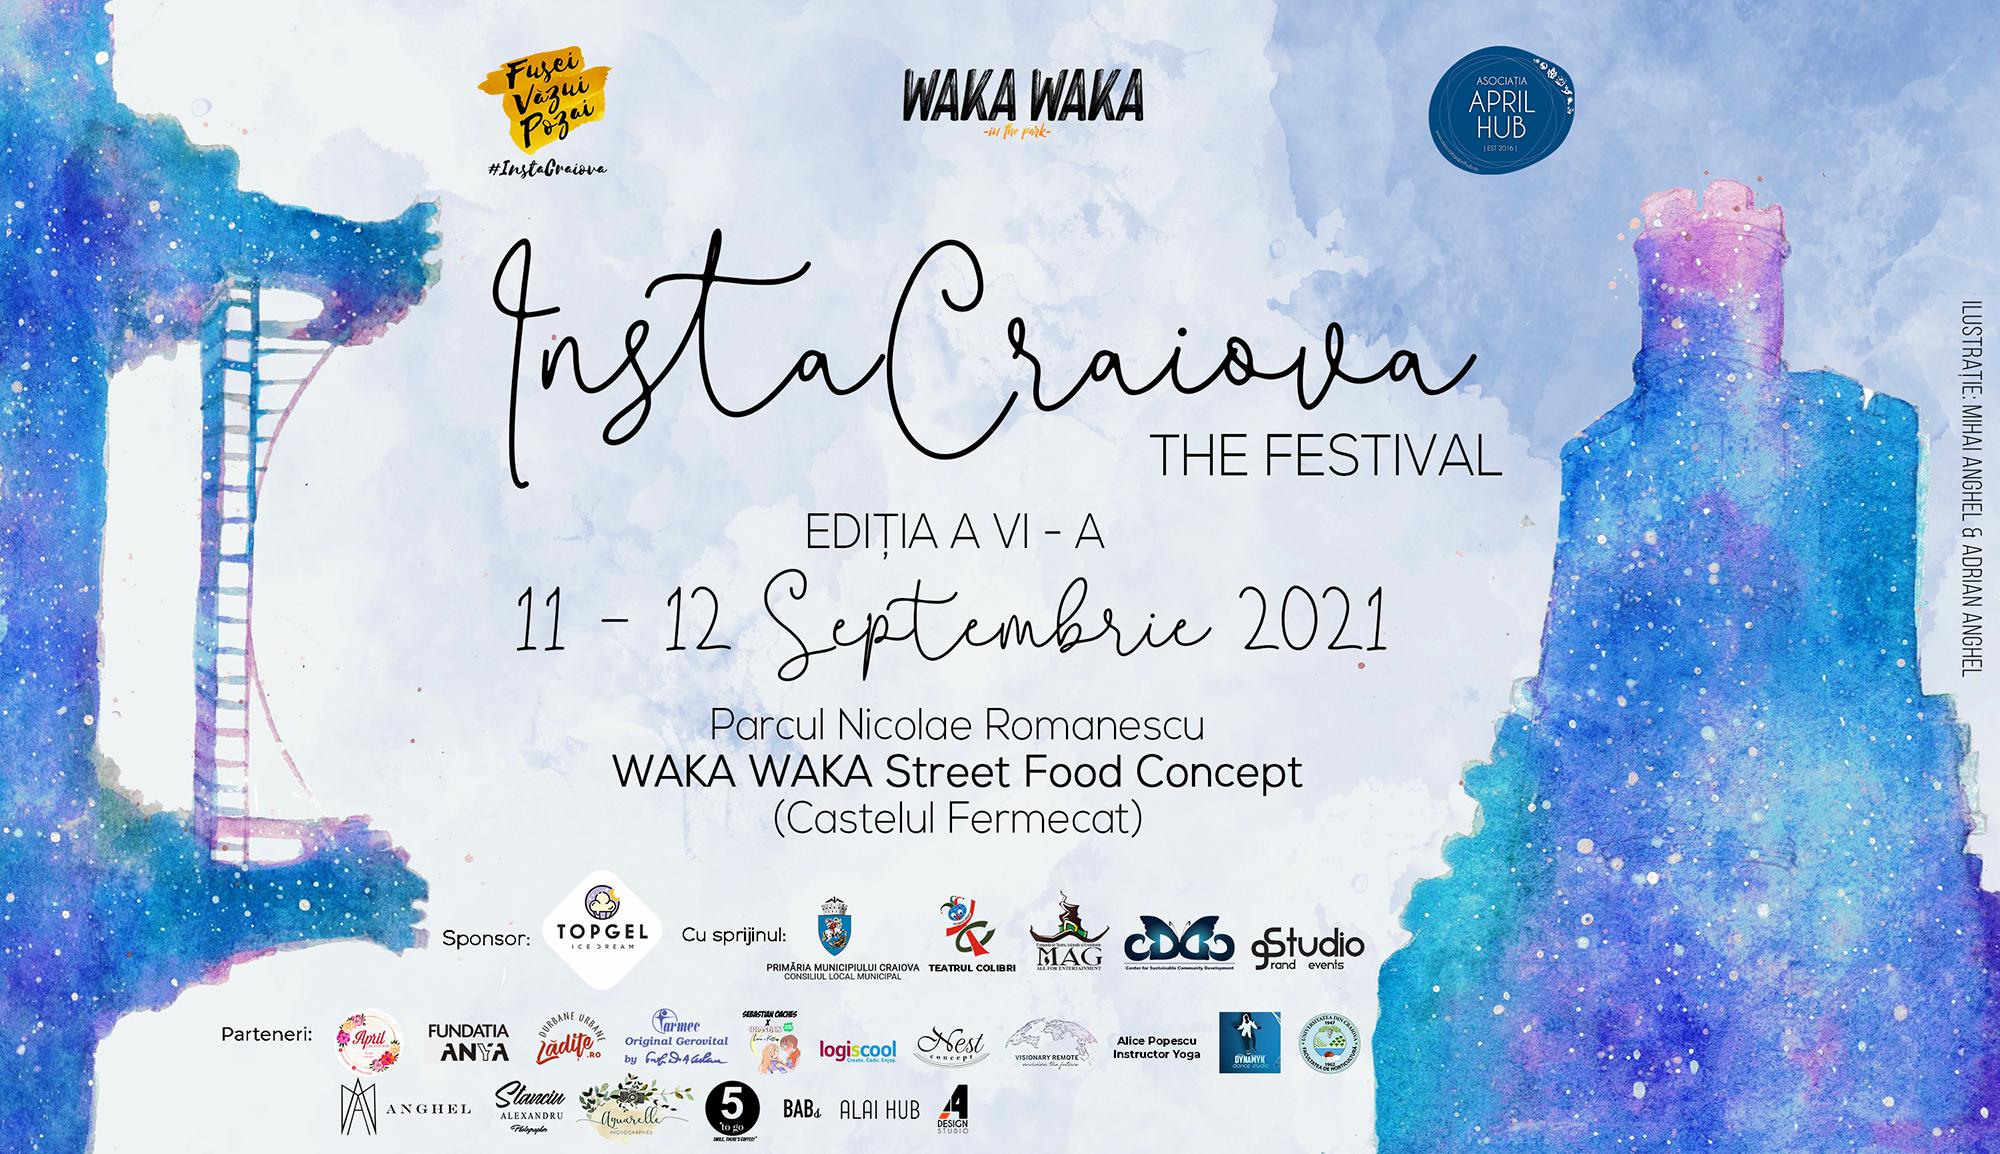 Ne vedel la InstaCraiova, The Festival – Ediția a VI – a, 11 – 12 septembrie 2021